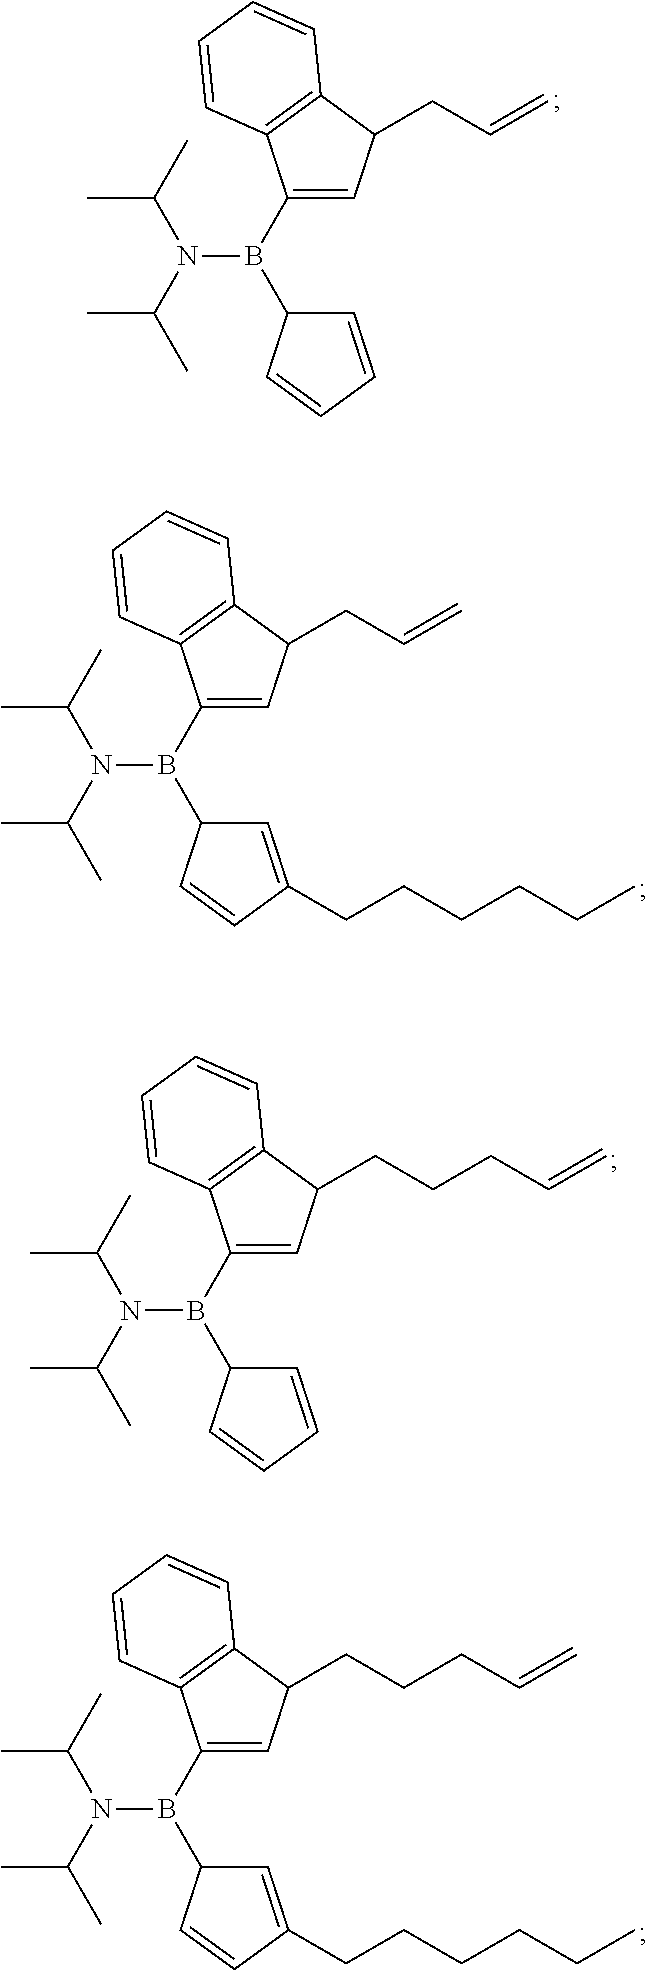 Figure US09469702-20161018-C00009